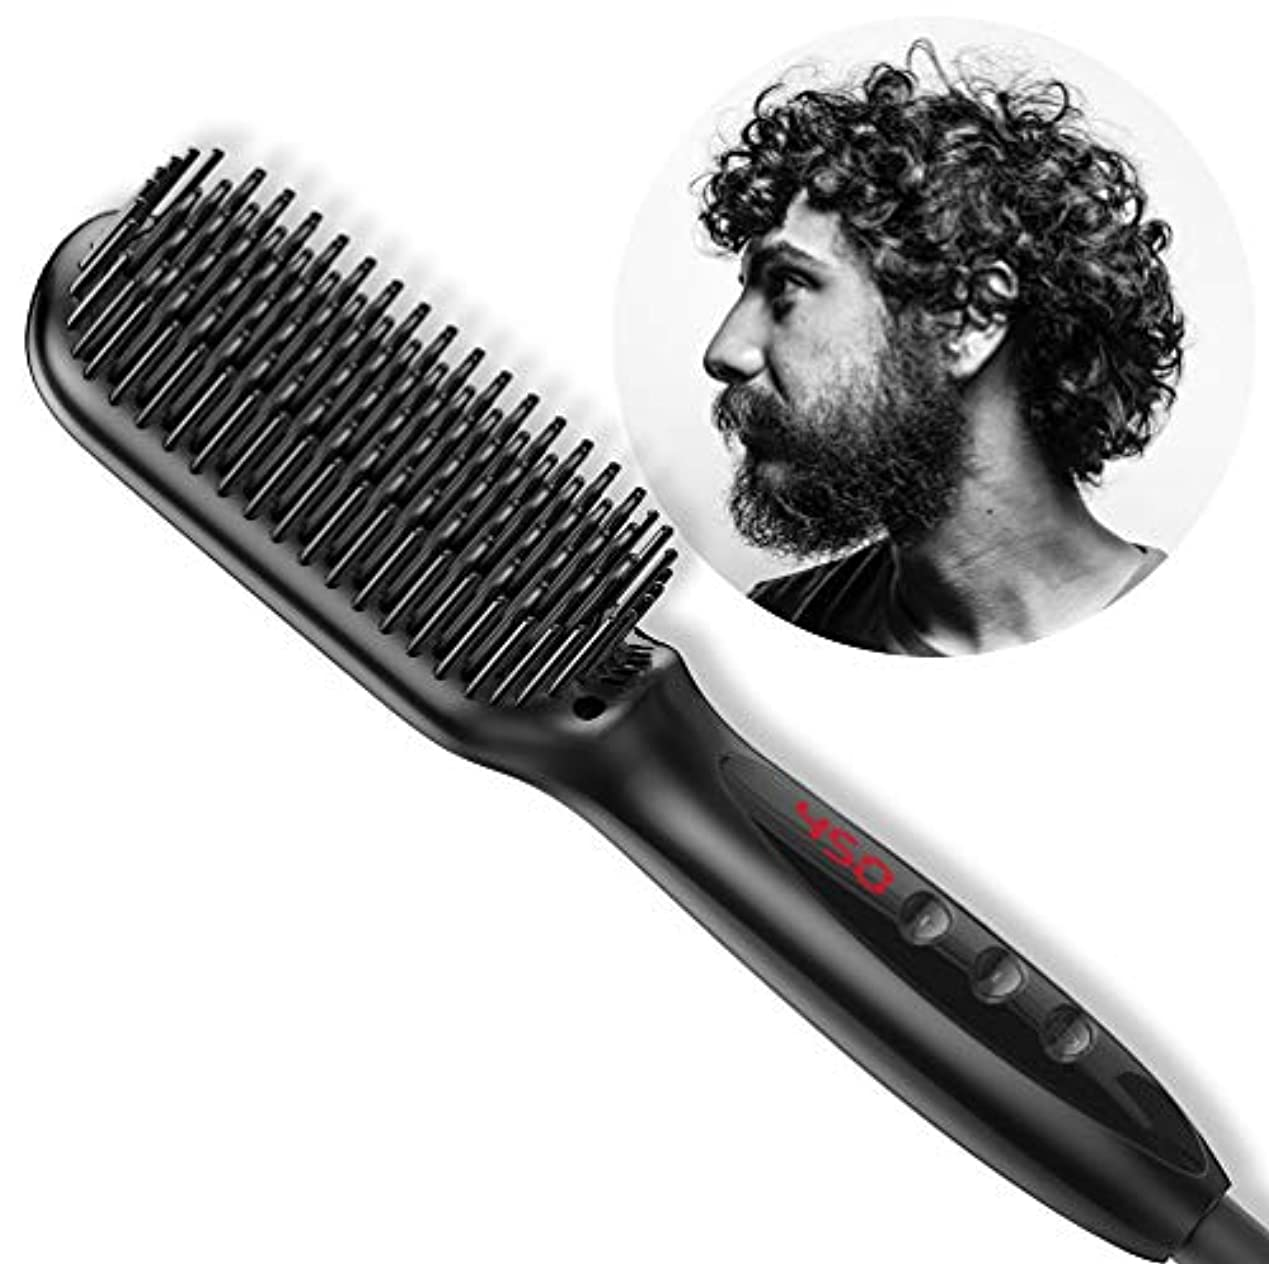 意味のあるサンプル不規則な2で1ストレートナー櫛イオン髪ストレートブラシセラミック電気450F加熱LCDアンチスカルド男性&女性用